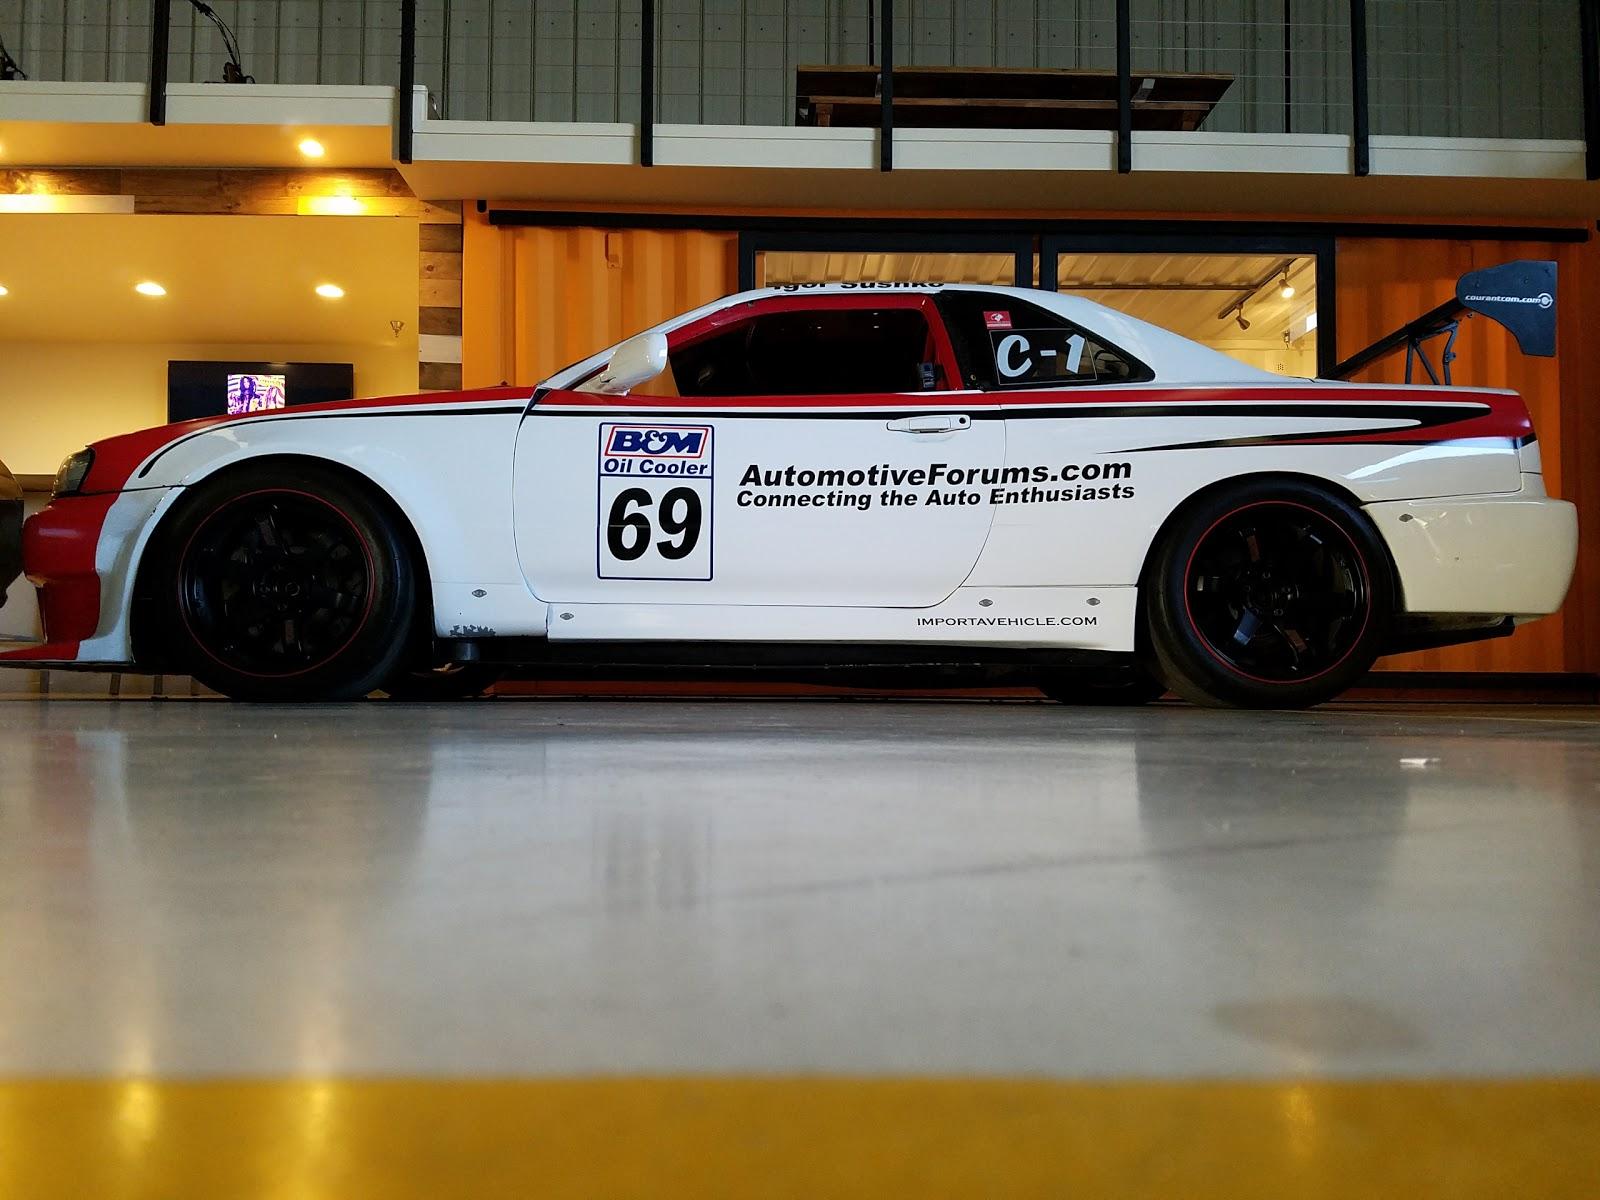 Nissan Skyline GT-R s in the USA Blog: Nissan Skyline GT-R Race Car ...